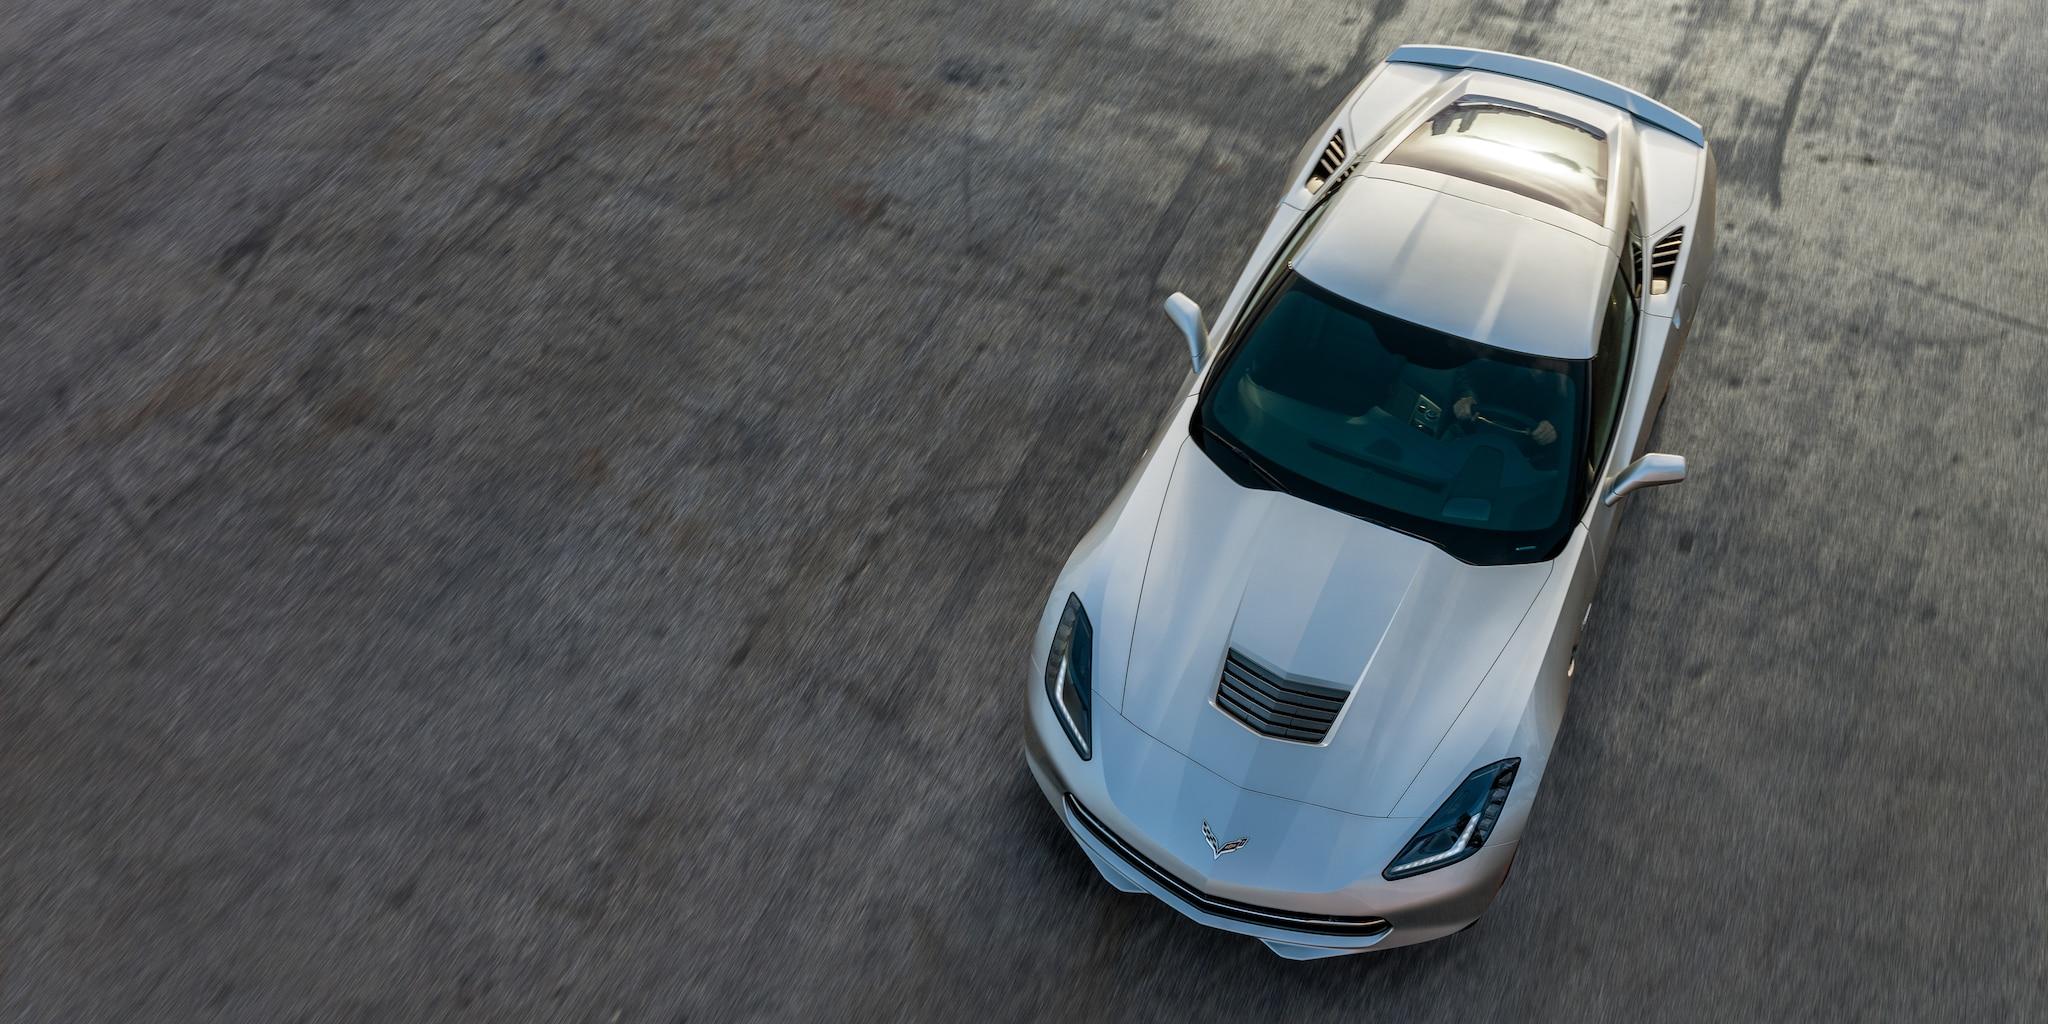 Diseño del auto deportivo Corvette Stingray 2019: arriba